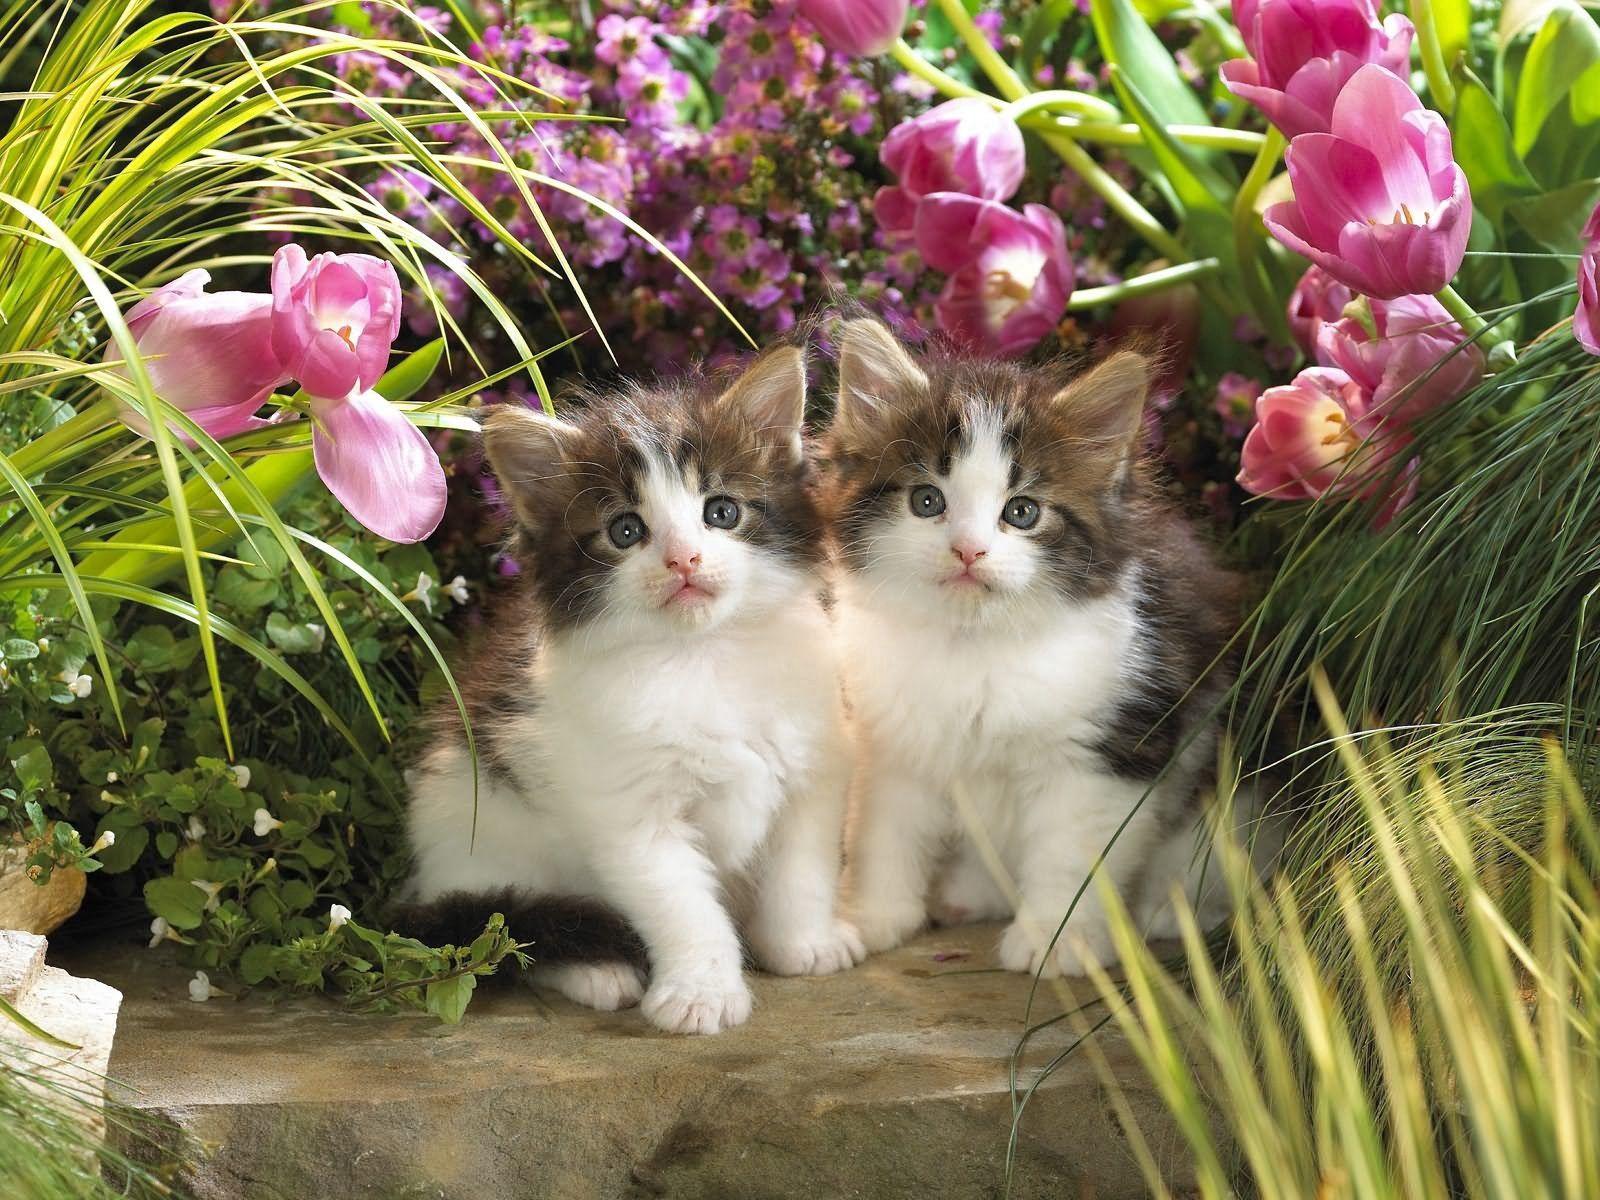 111311 скачать обои Животные, Котята, Пара, Трава, Цветы - заставки и картинки бесплатно